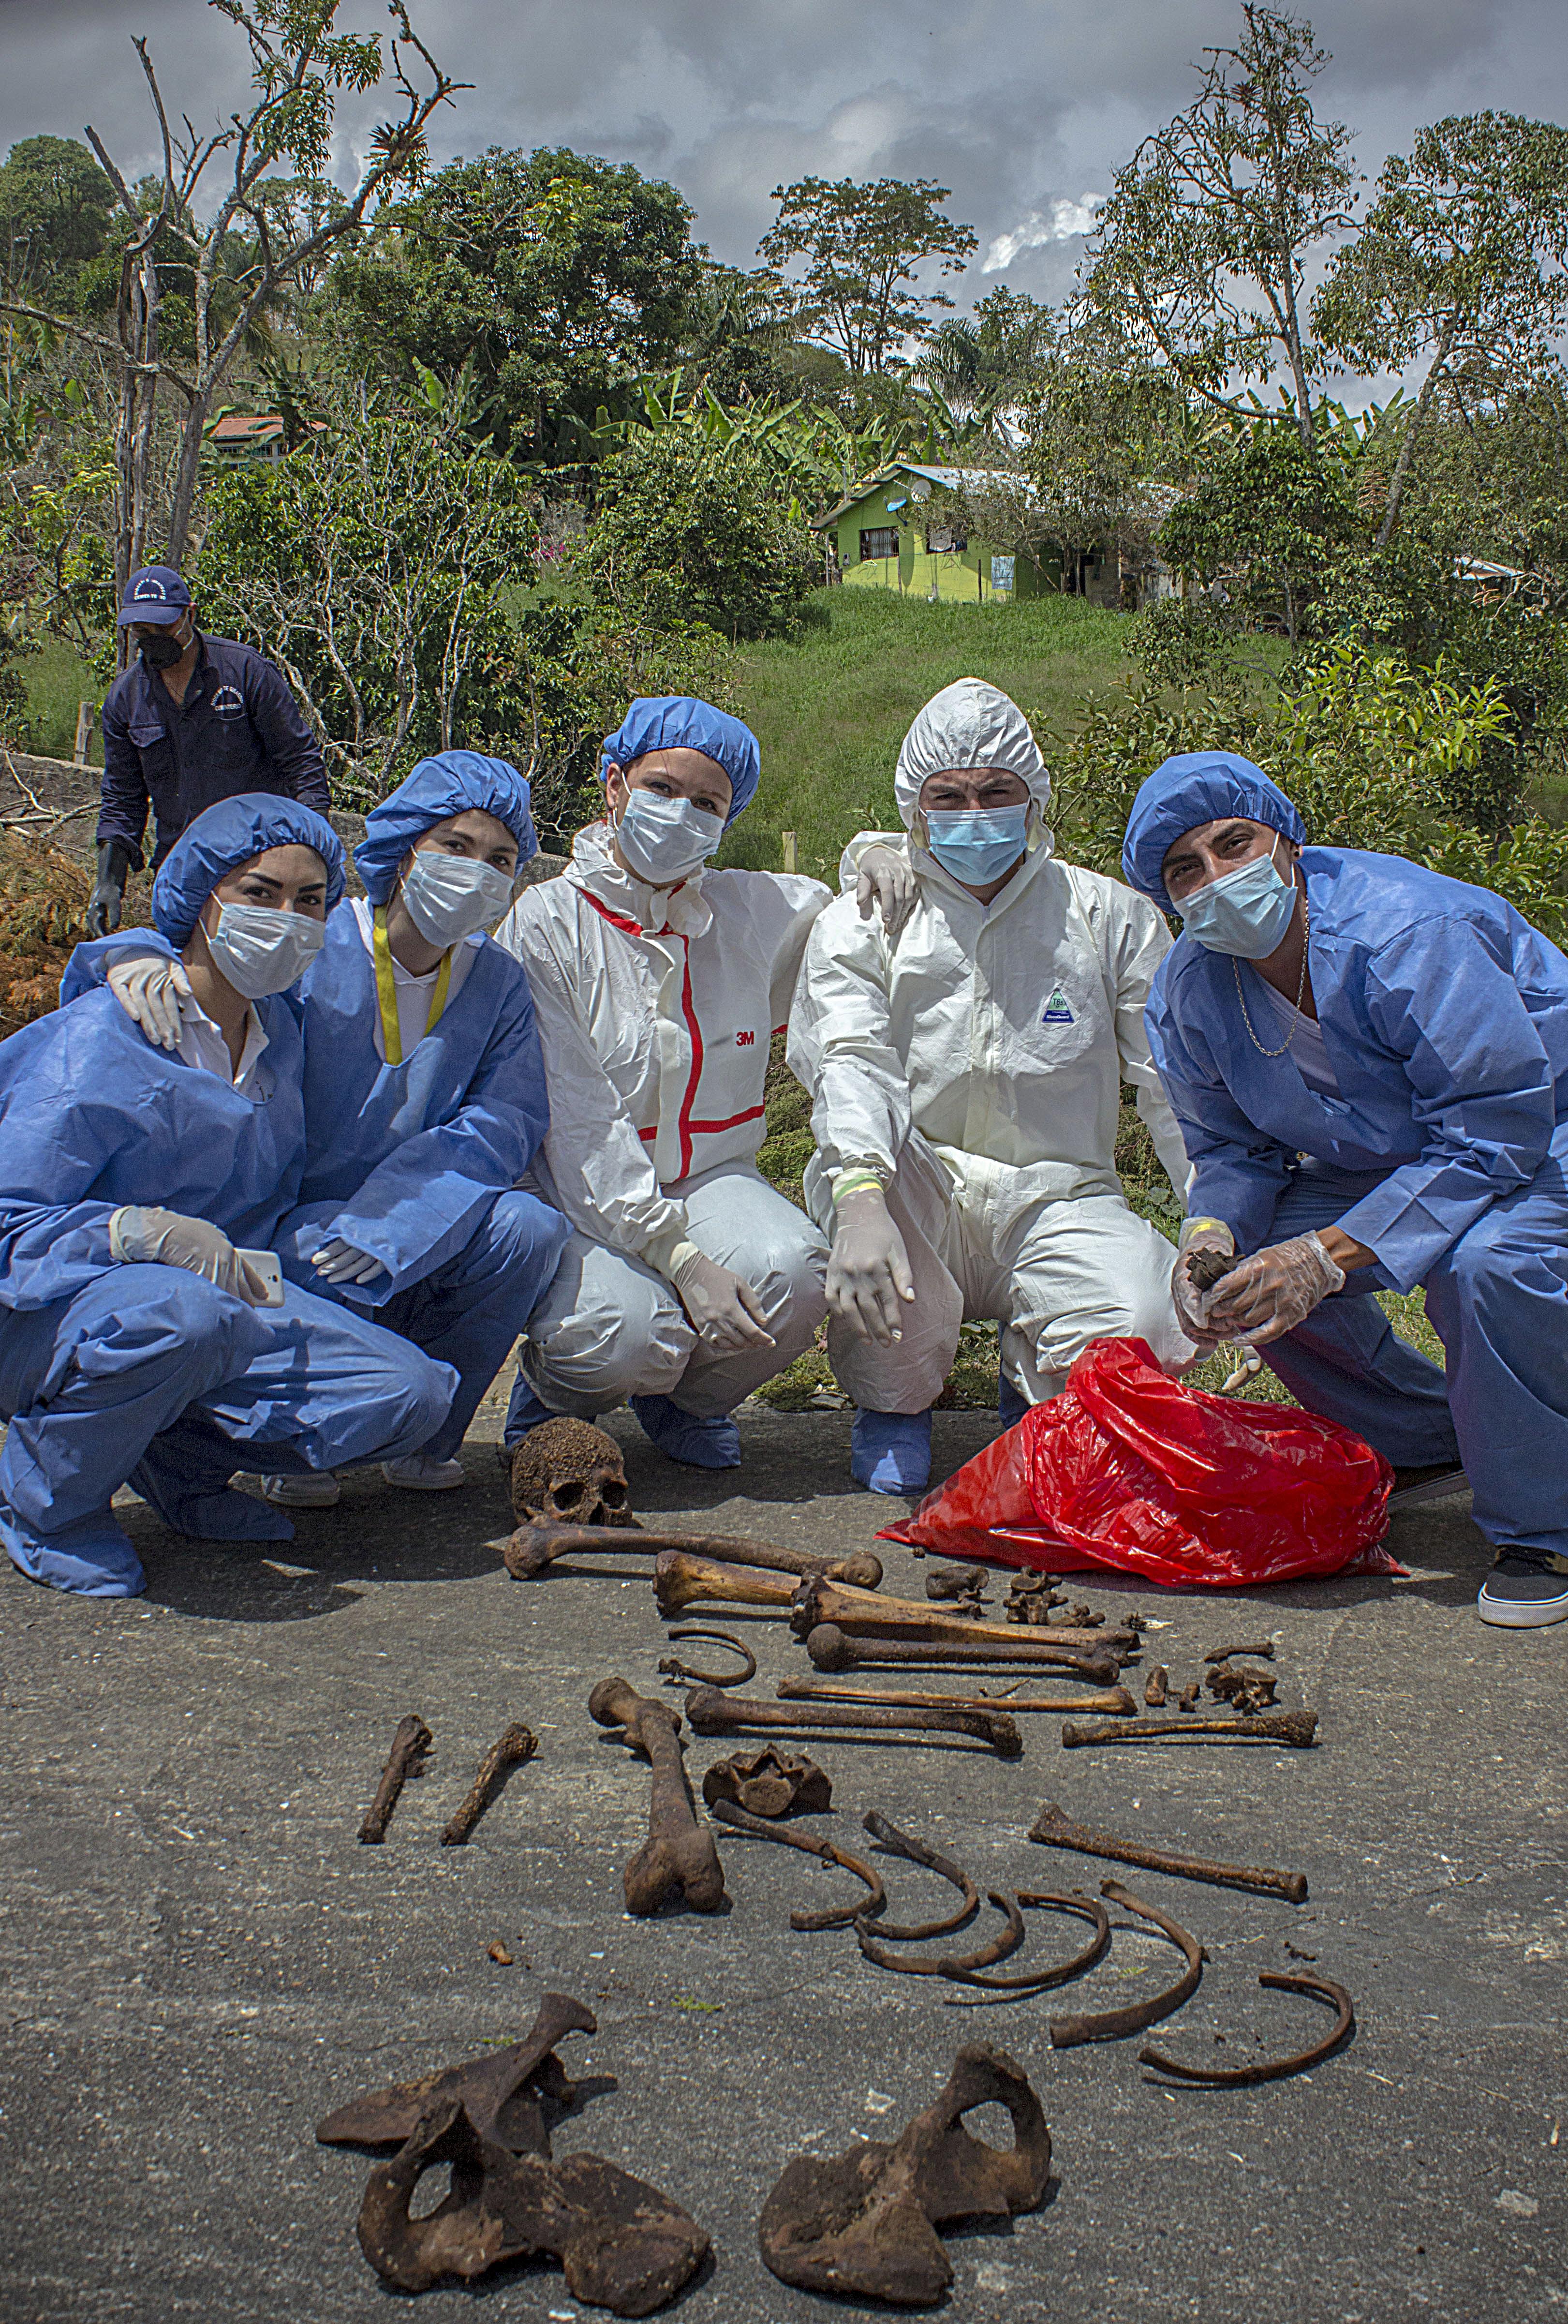 grupo 3 examinando restos